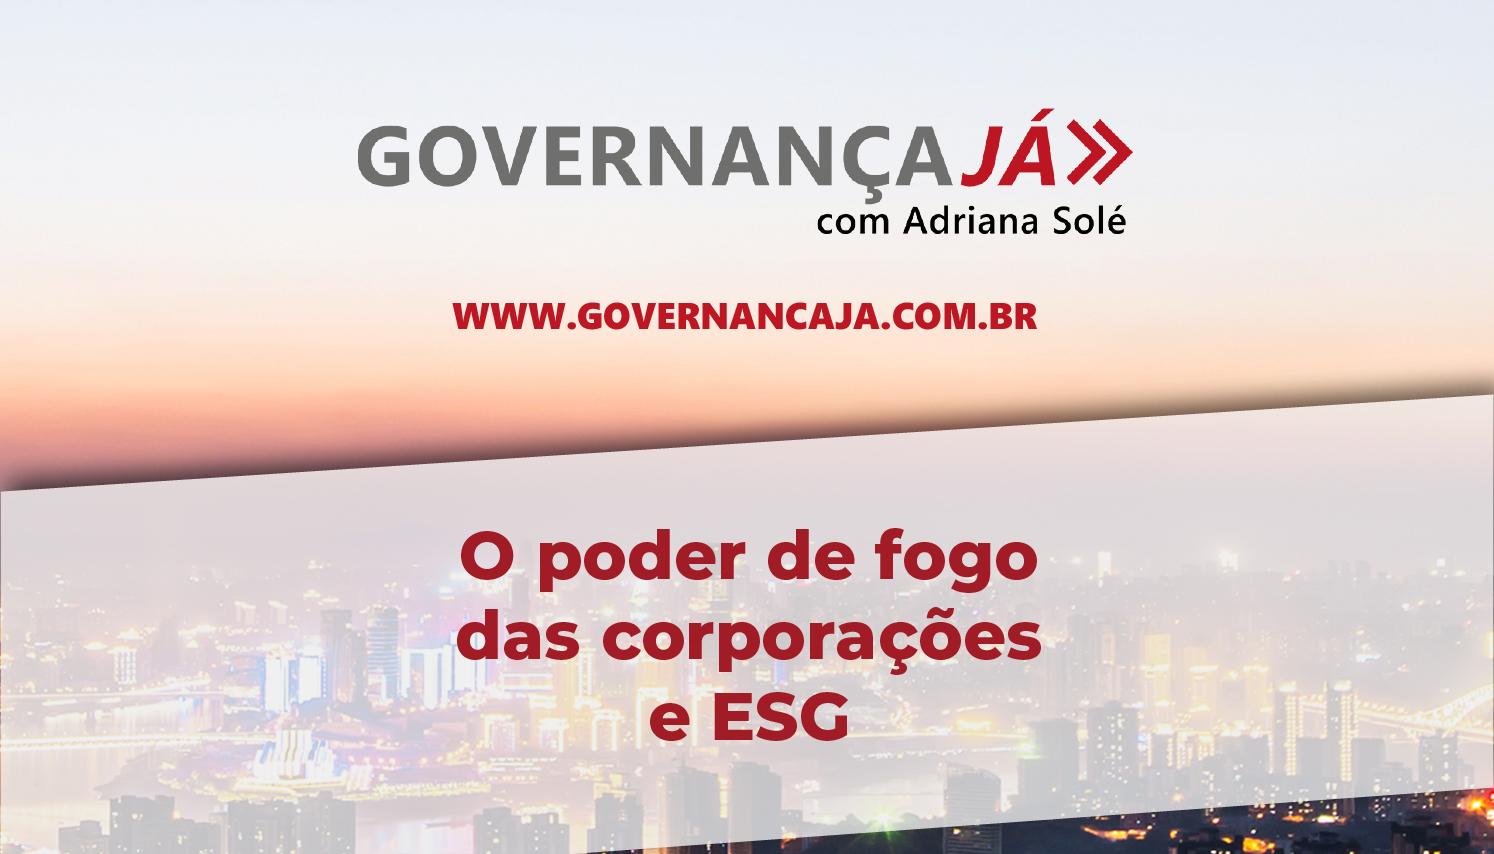 O poder de fogo das corporações e ESG